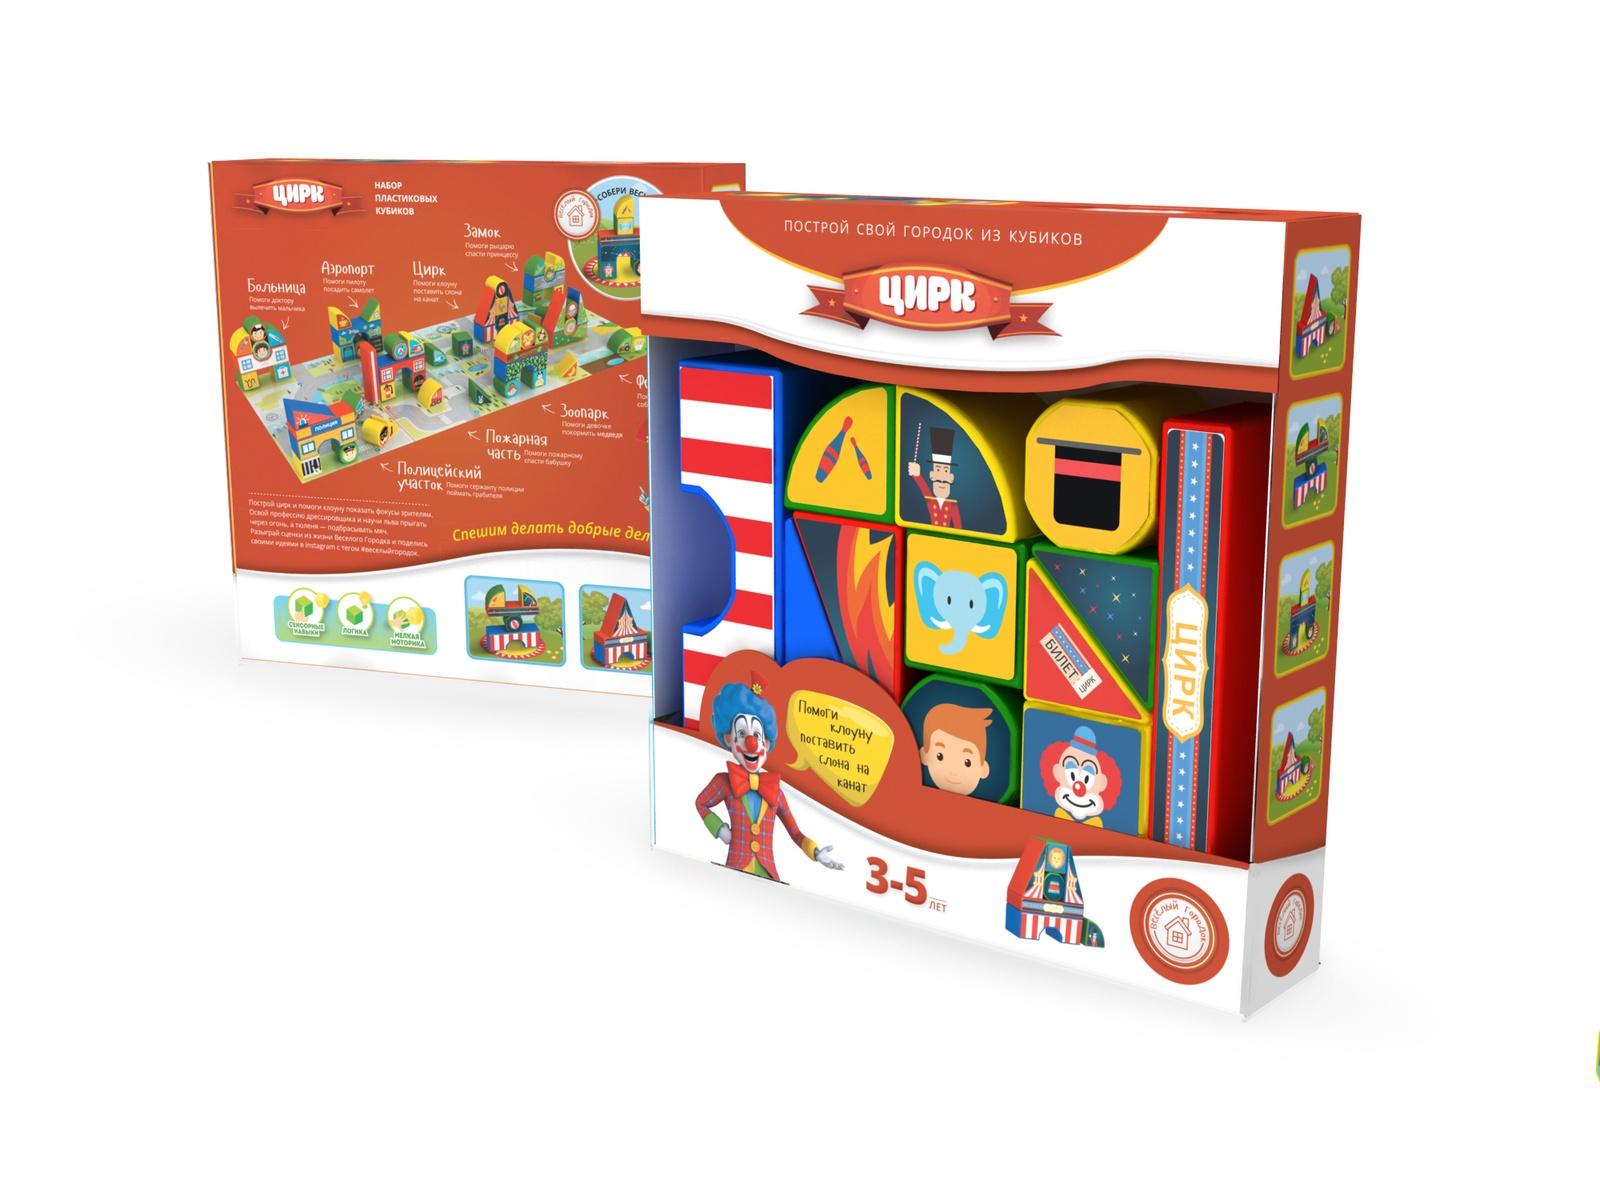 Пластиковые кубики Цирк набор наклеек melissa